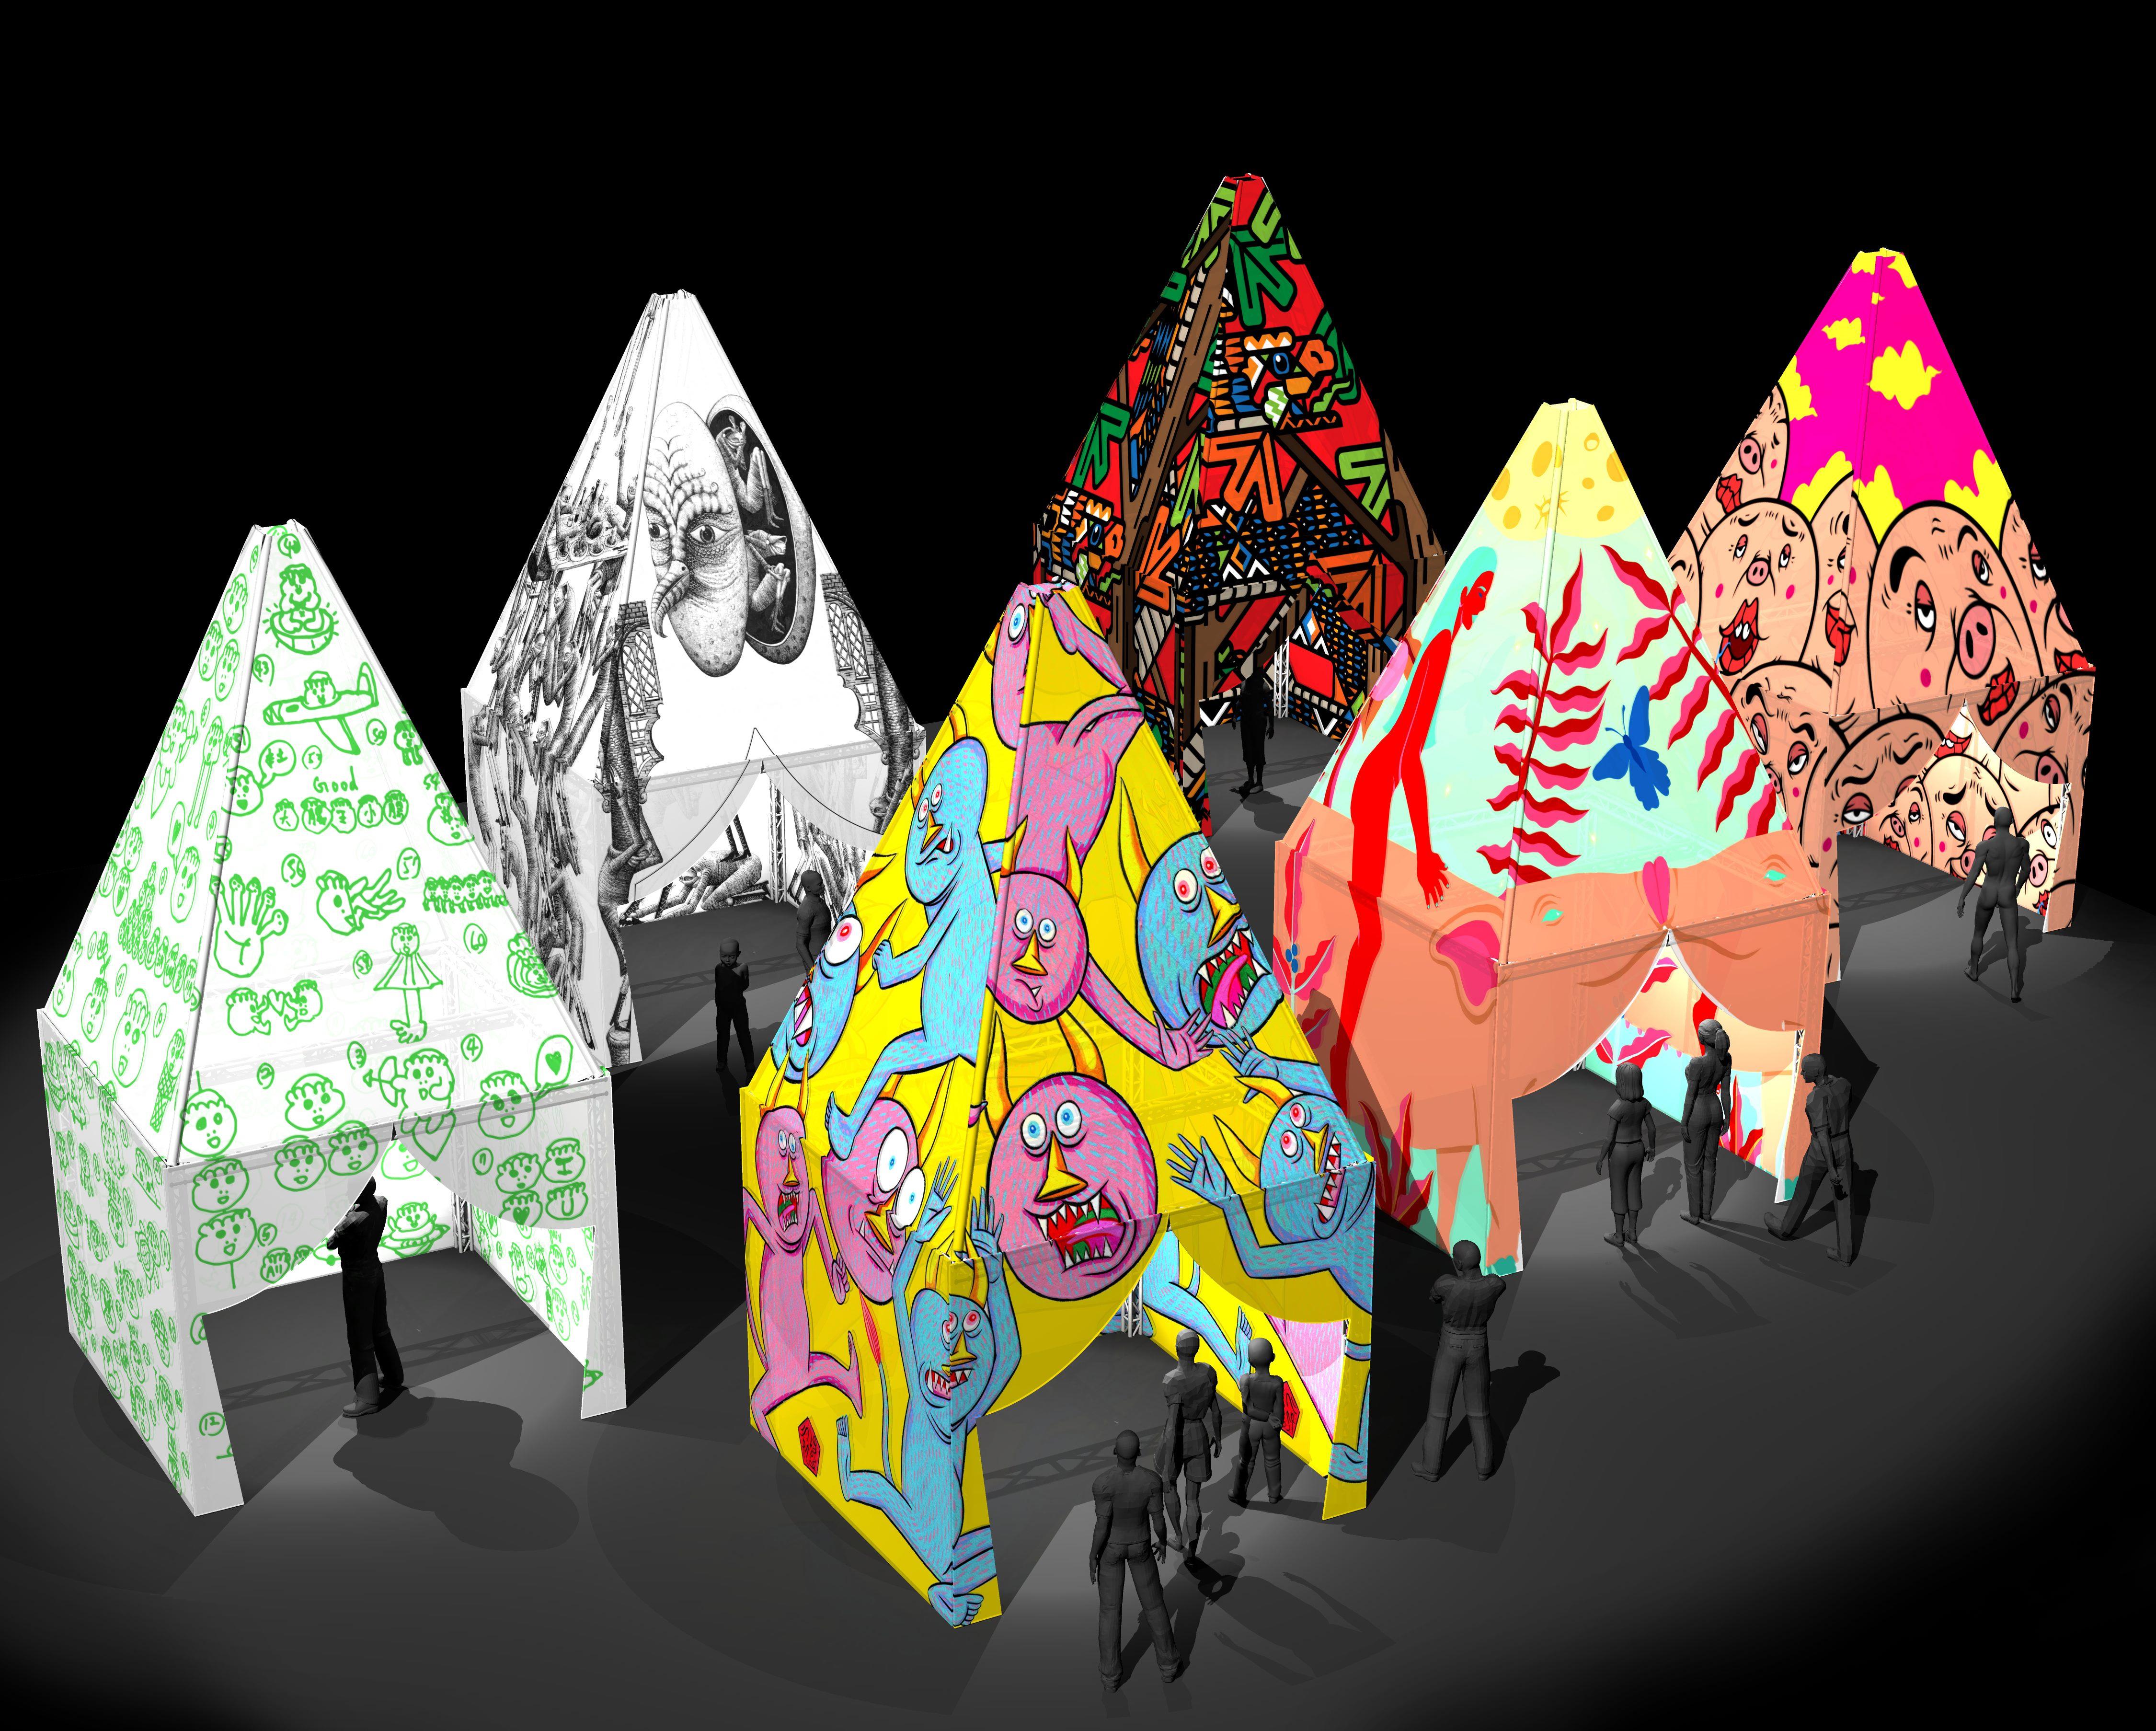 由來自世界各國的塗鴉高手,繪出一幅幅有趣的塗鴉帳篷,「塗鴉夢想家的基地」在西門町街頭開創一個嶄新的展覽空間。